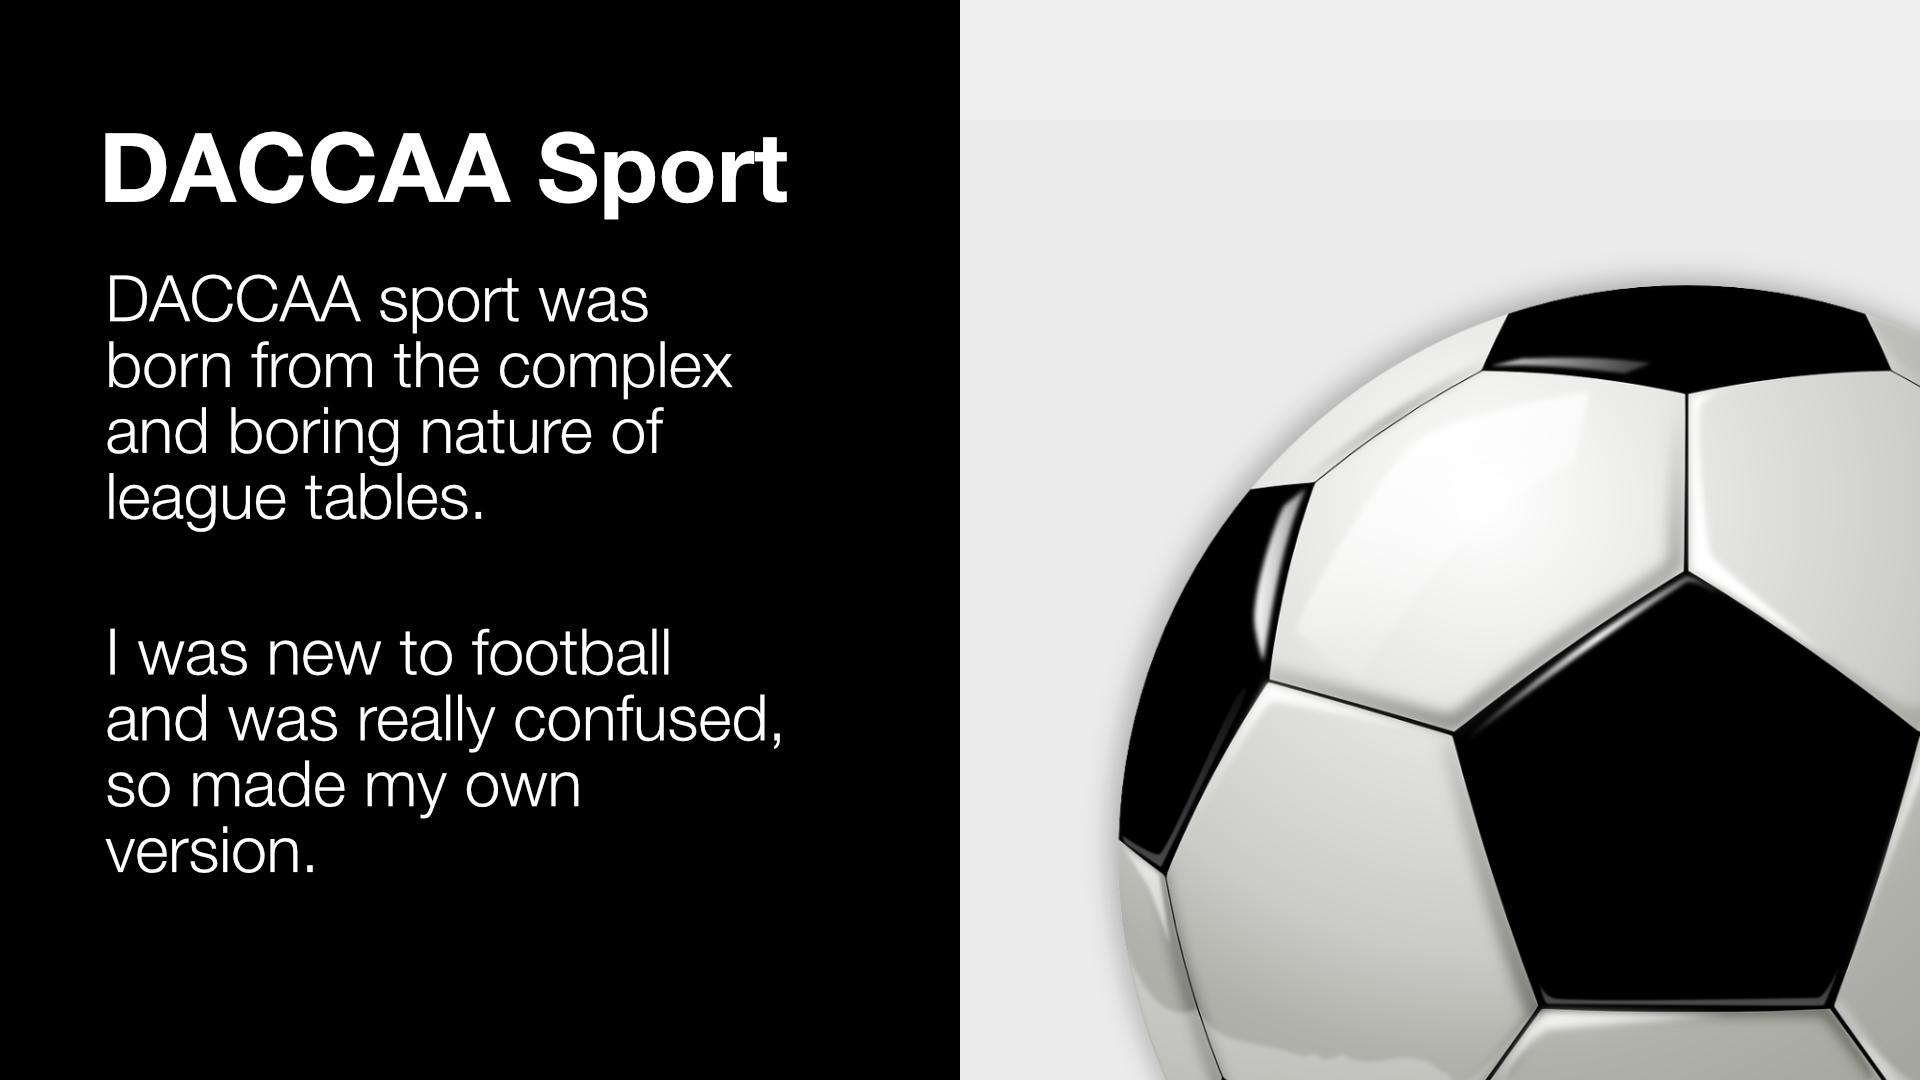 DACCAA Sport